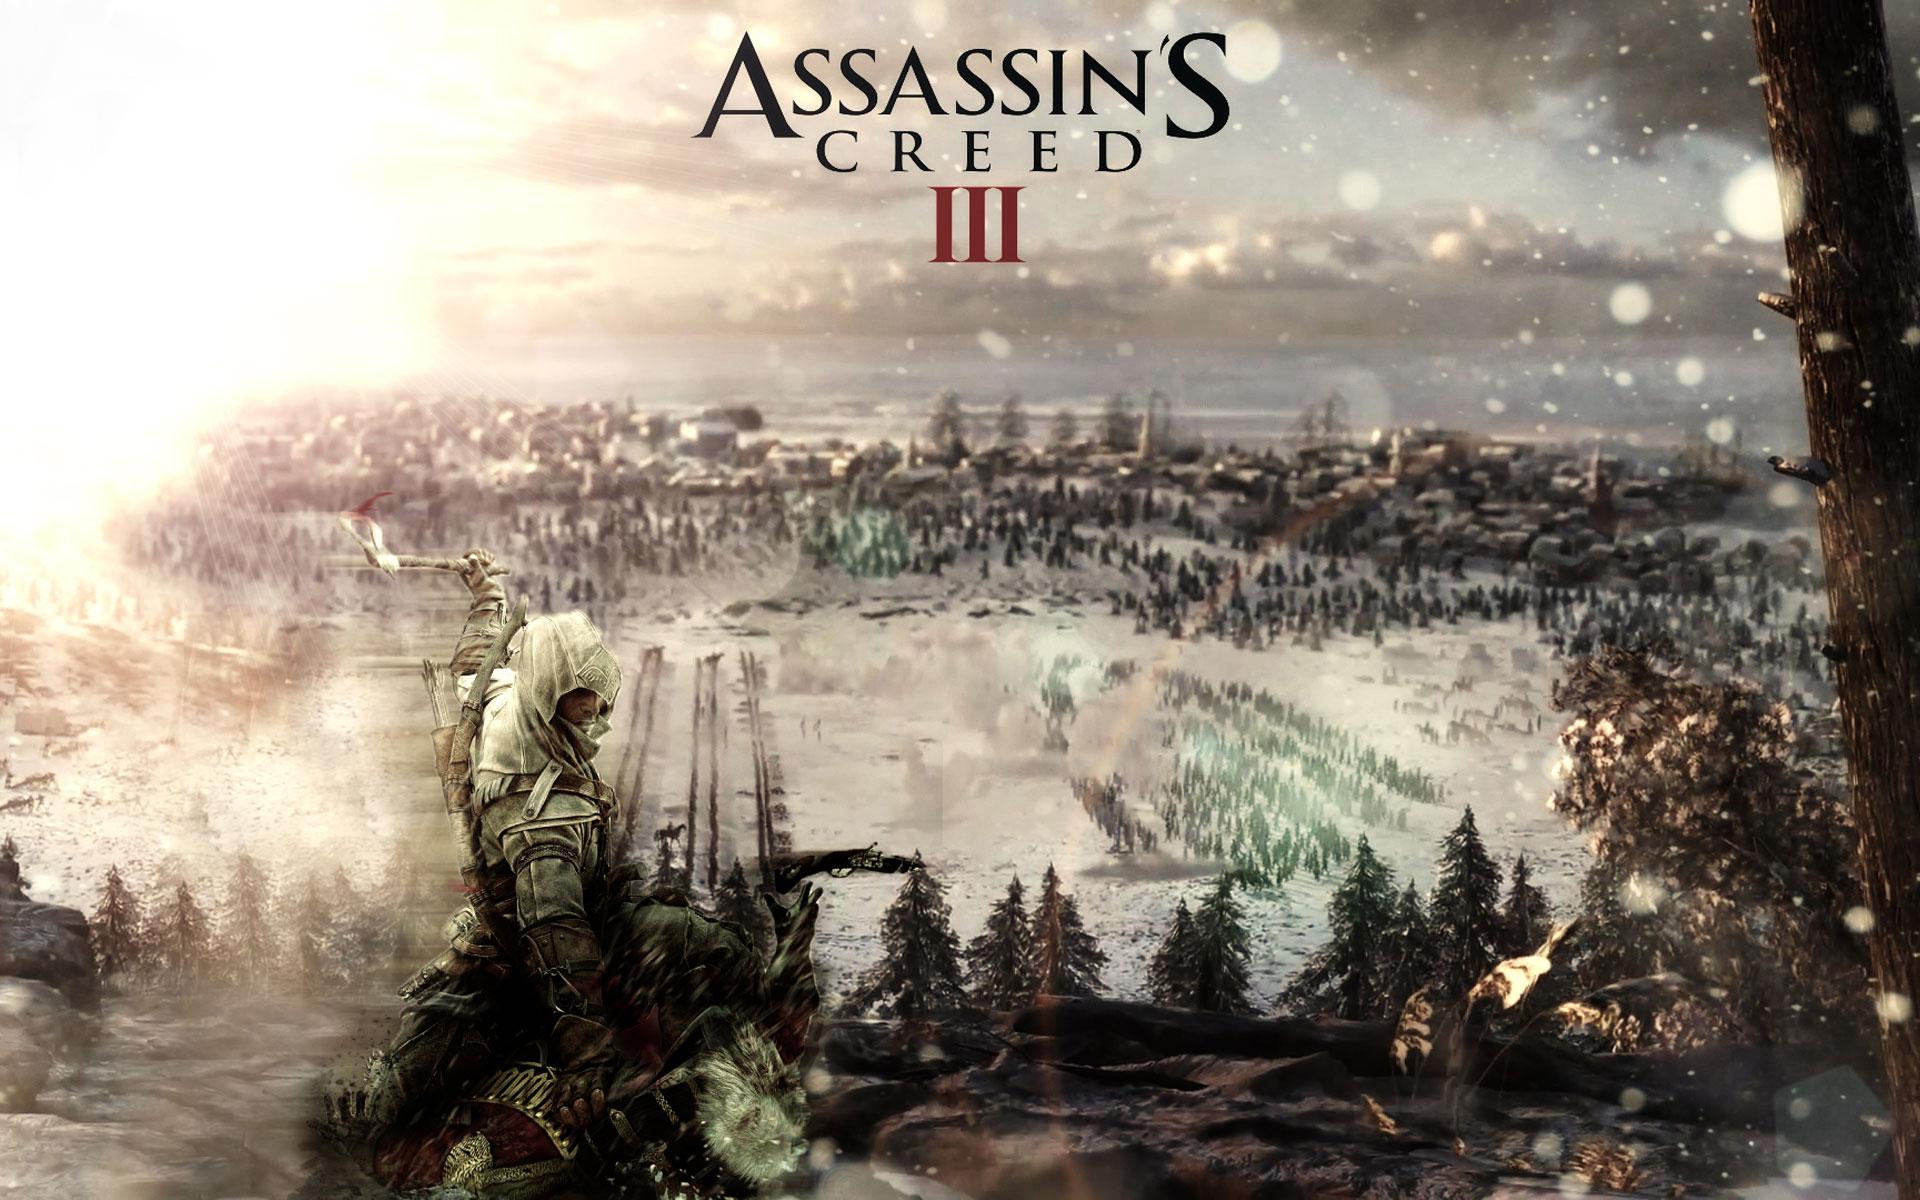 Assassins Creed 3 Wallpaper 3 Wallpapersbq